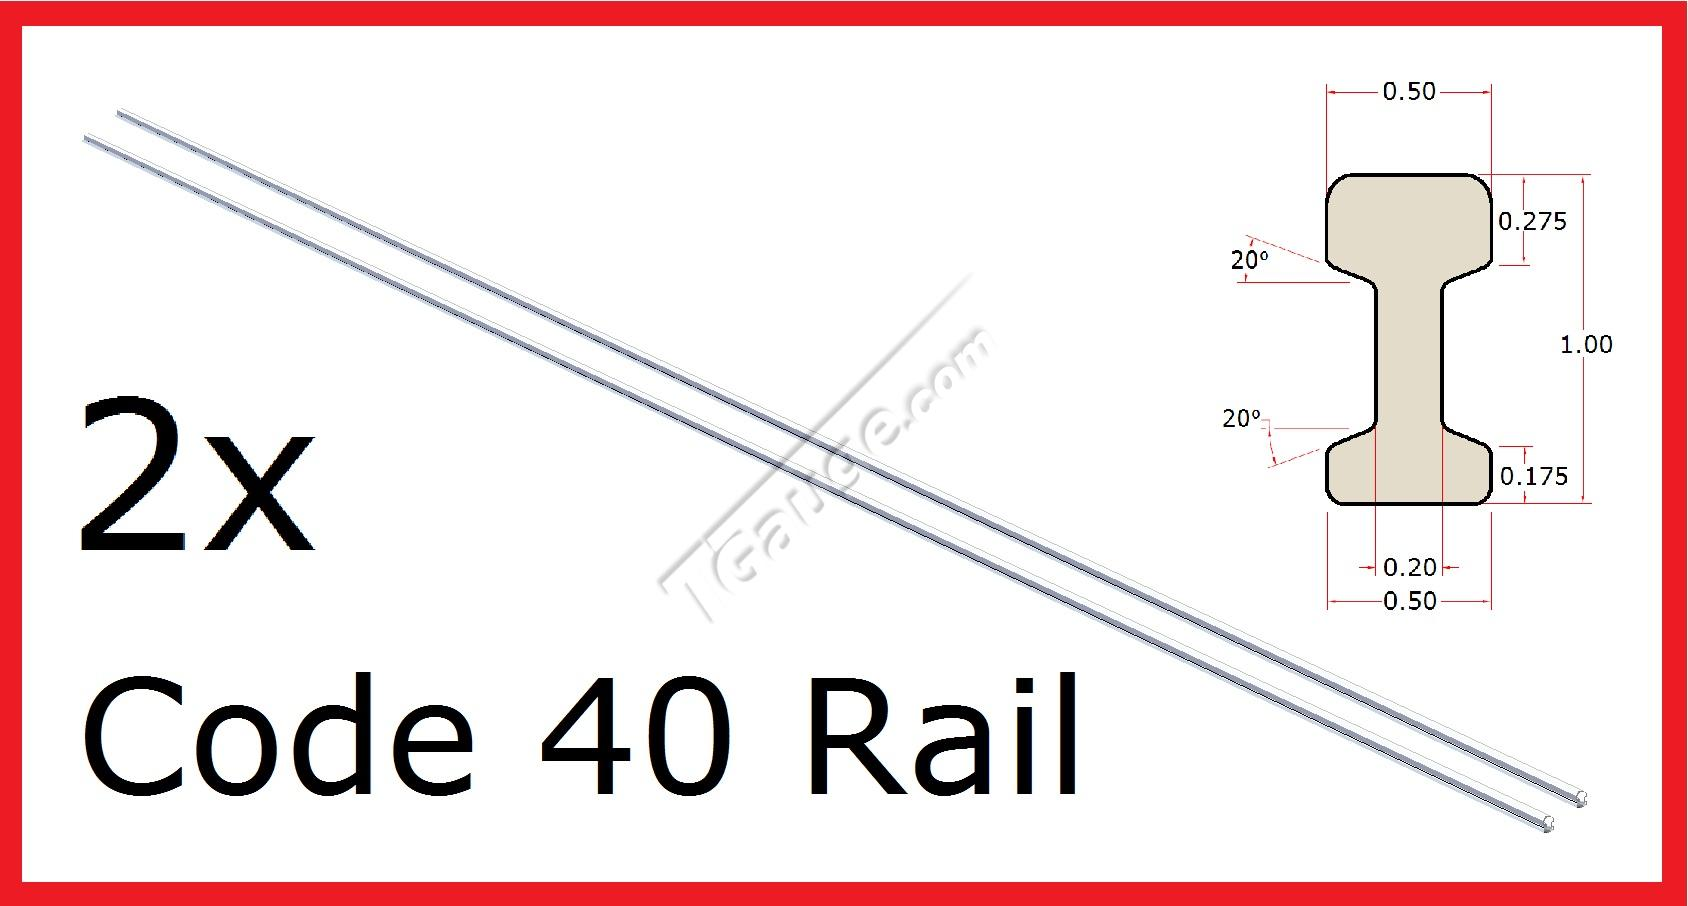 Strasburg railroad coupons codes